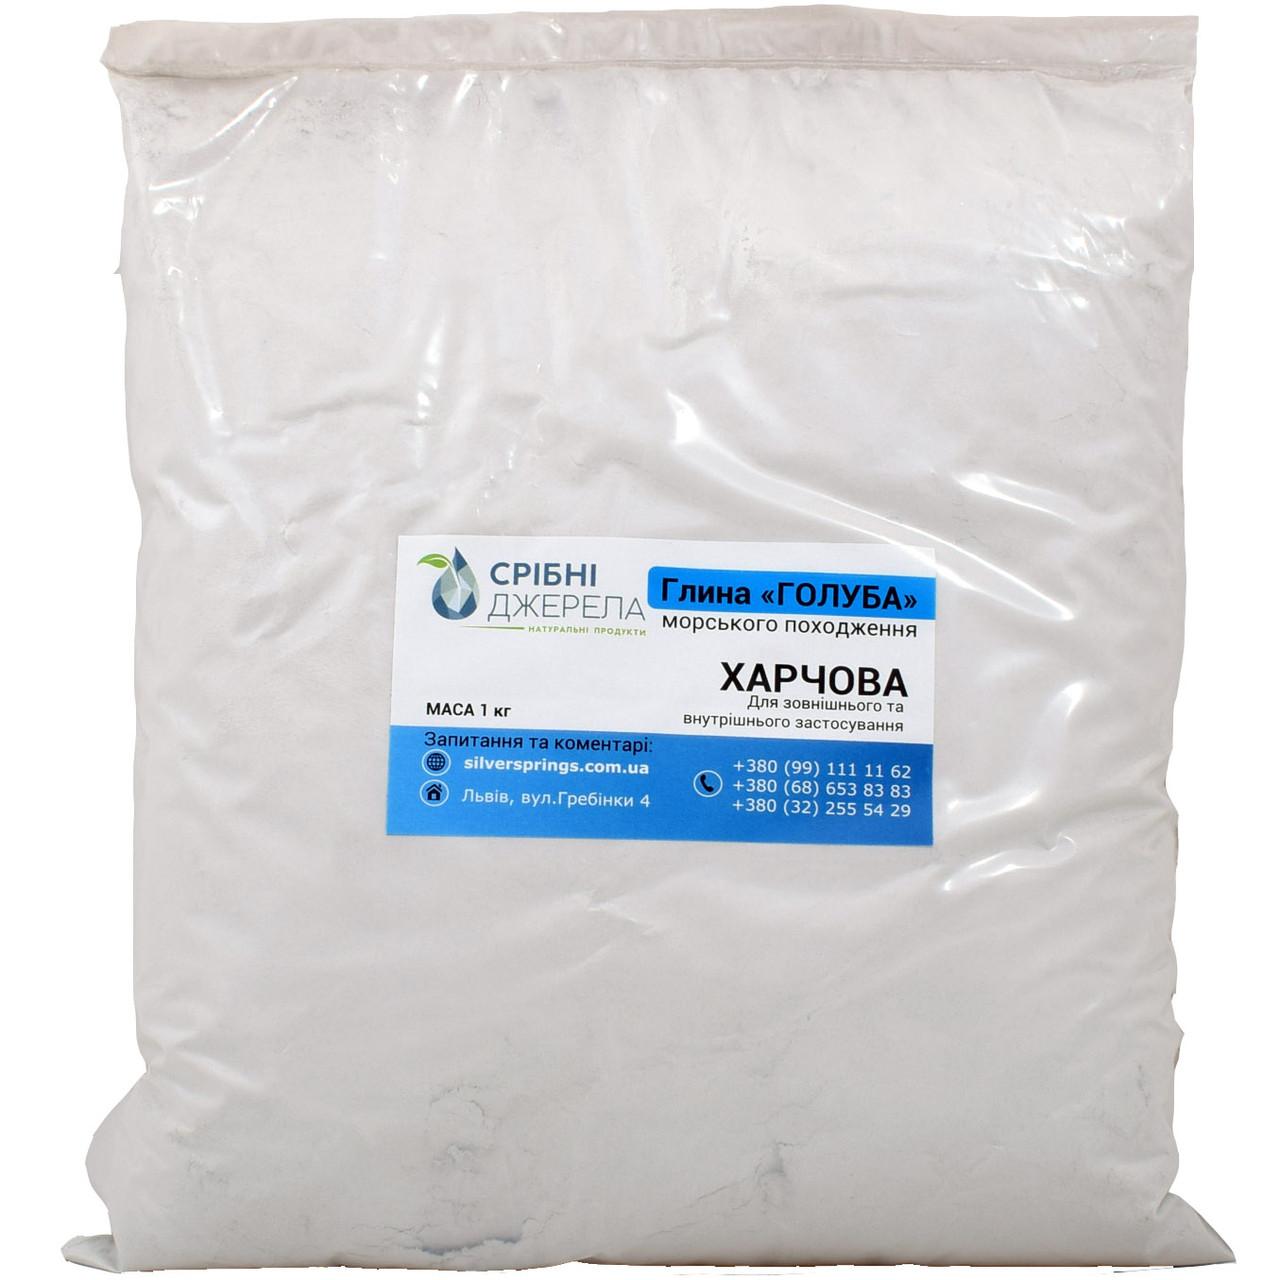 Харчова Голуба глина (100% натуральна), без домішок, 1000 г